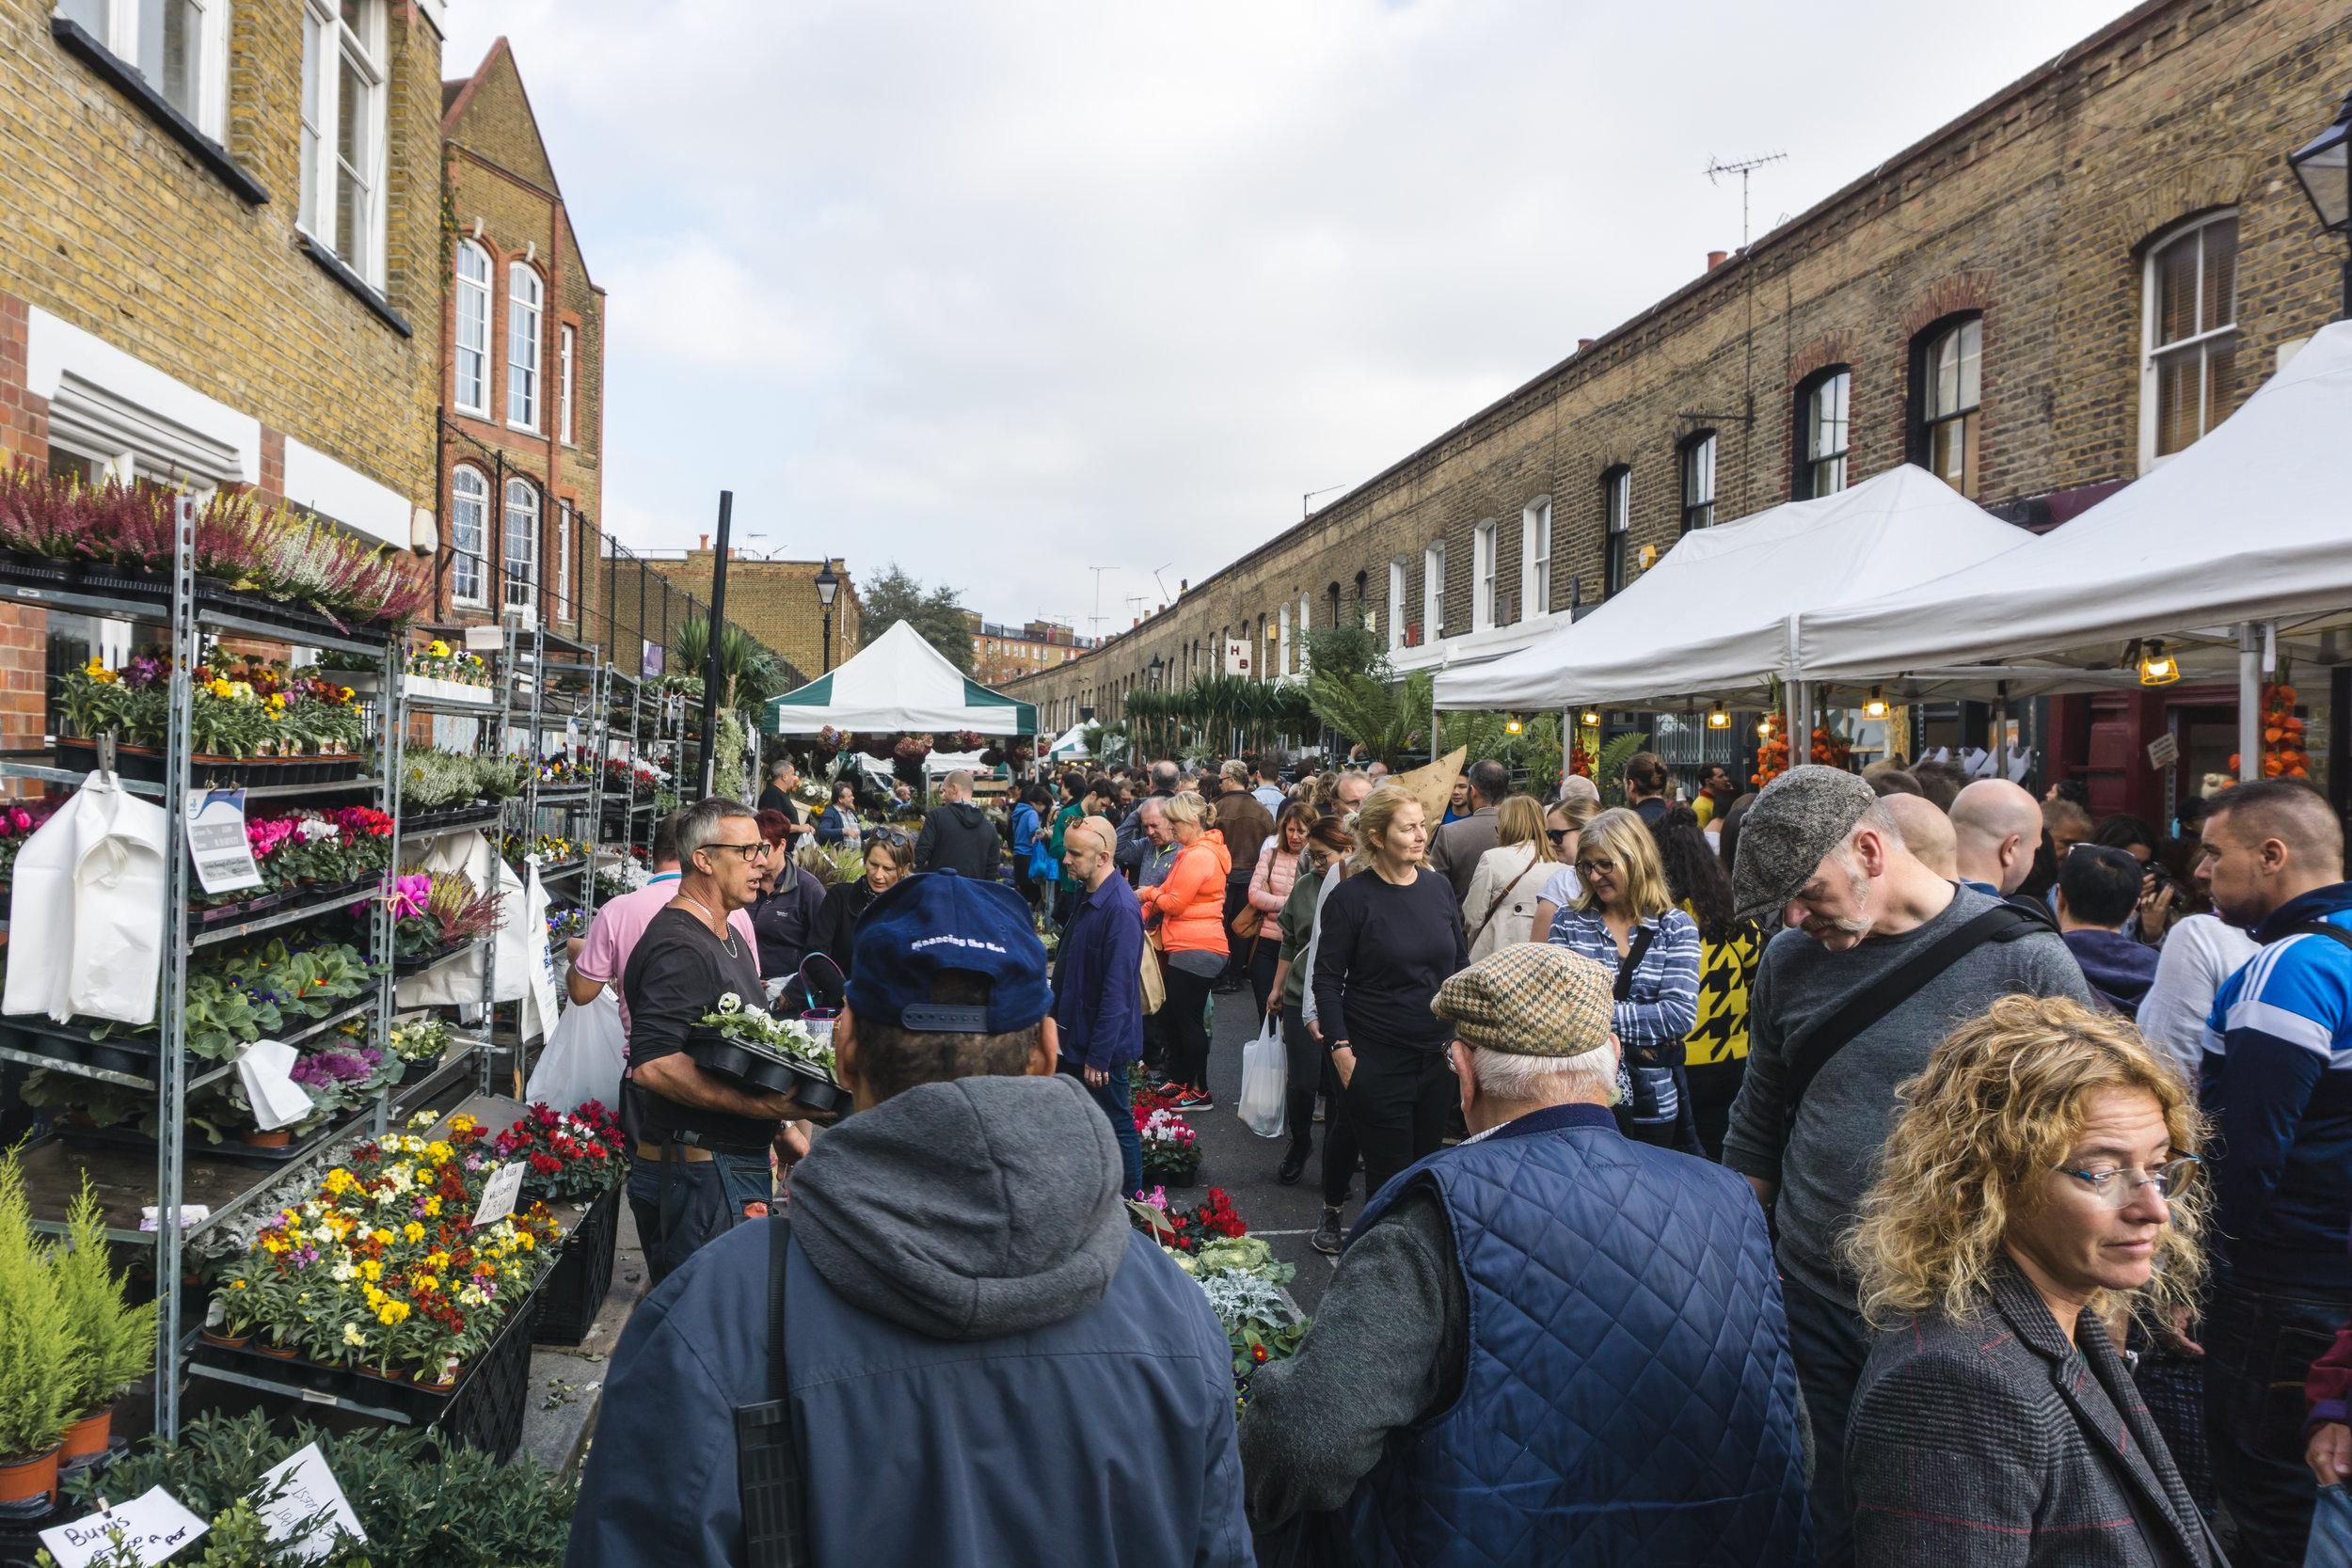 Columbia Flower Market_London_Tripp Films.jpg